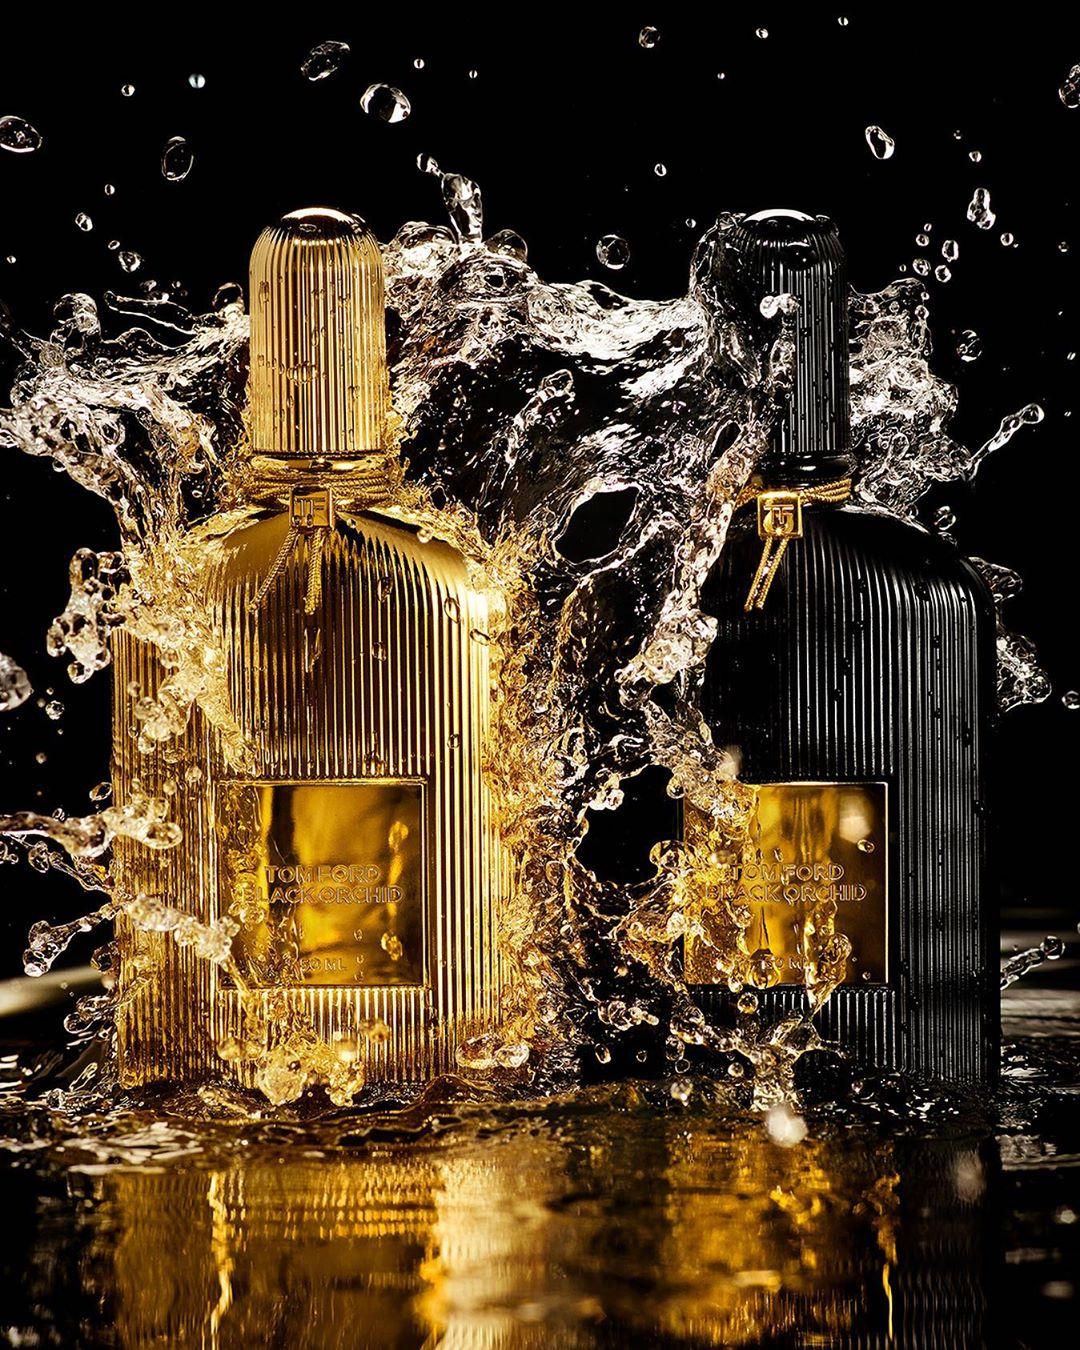 عطر بلاك أوركيد بارفام Tom Ford Black Orchid Parfum من توم فورد